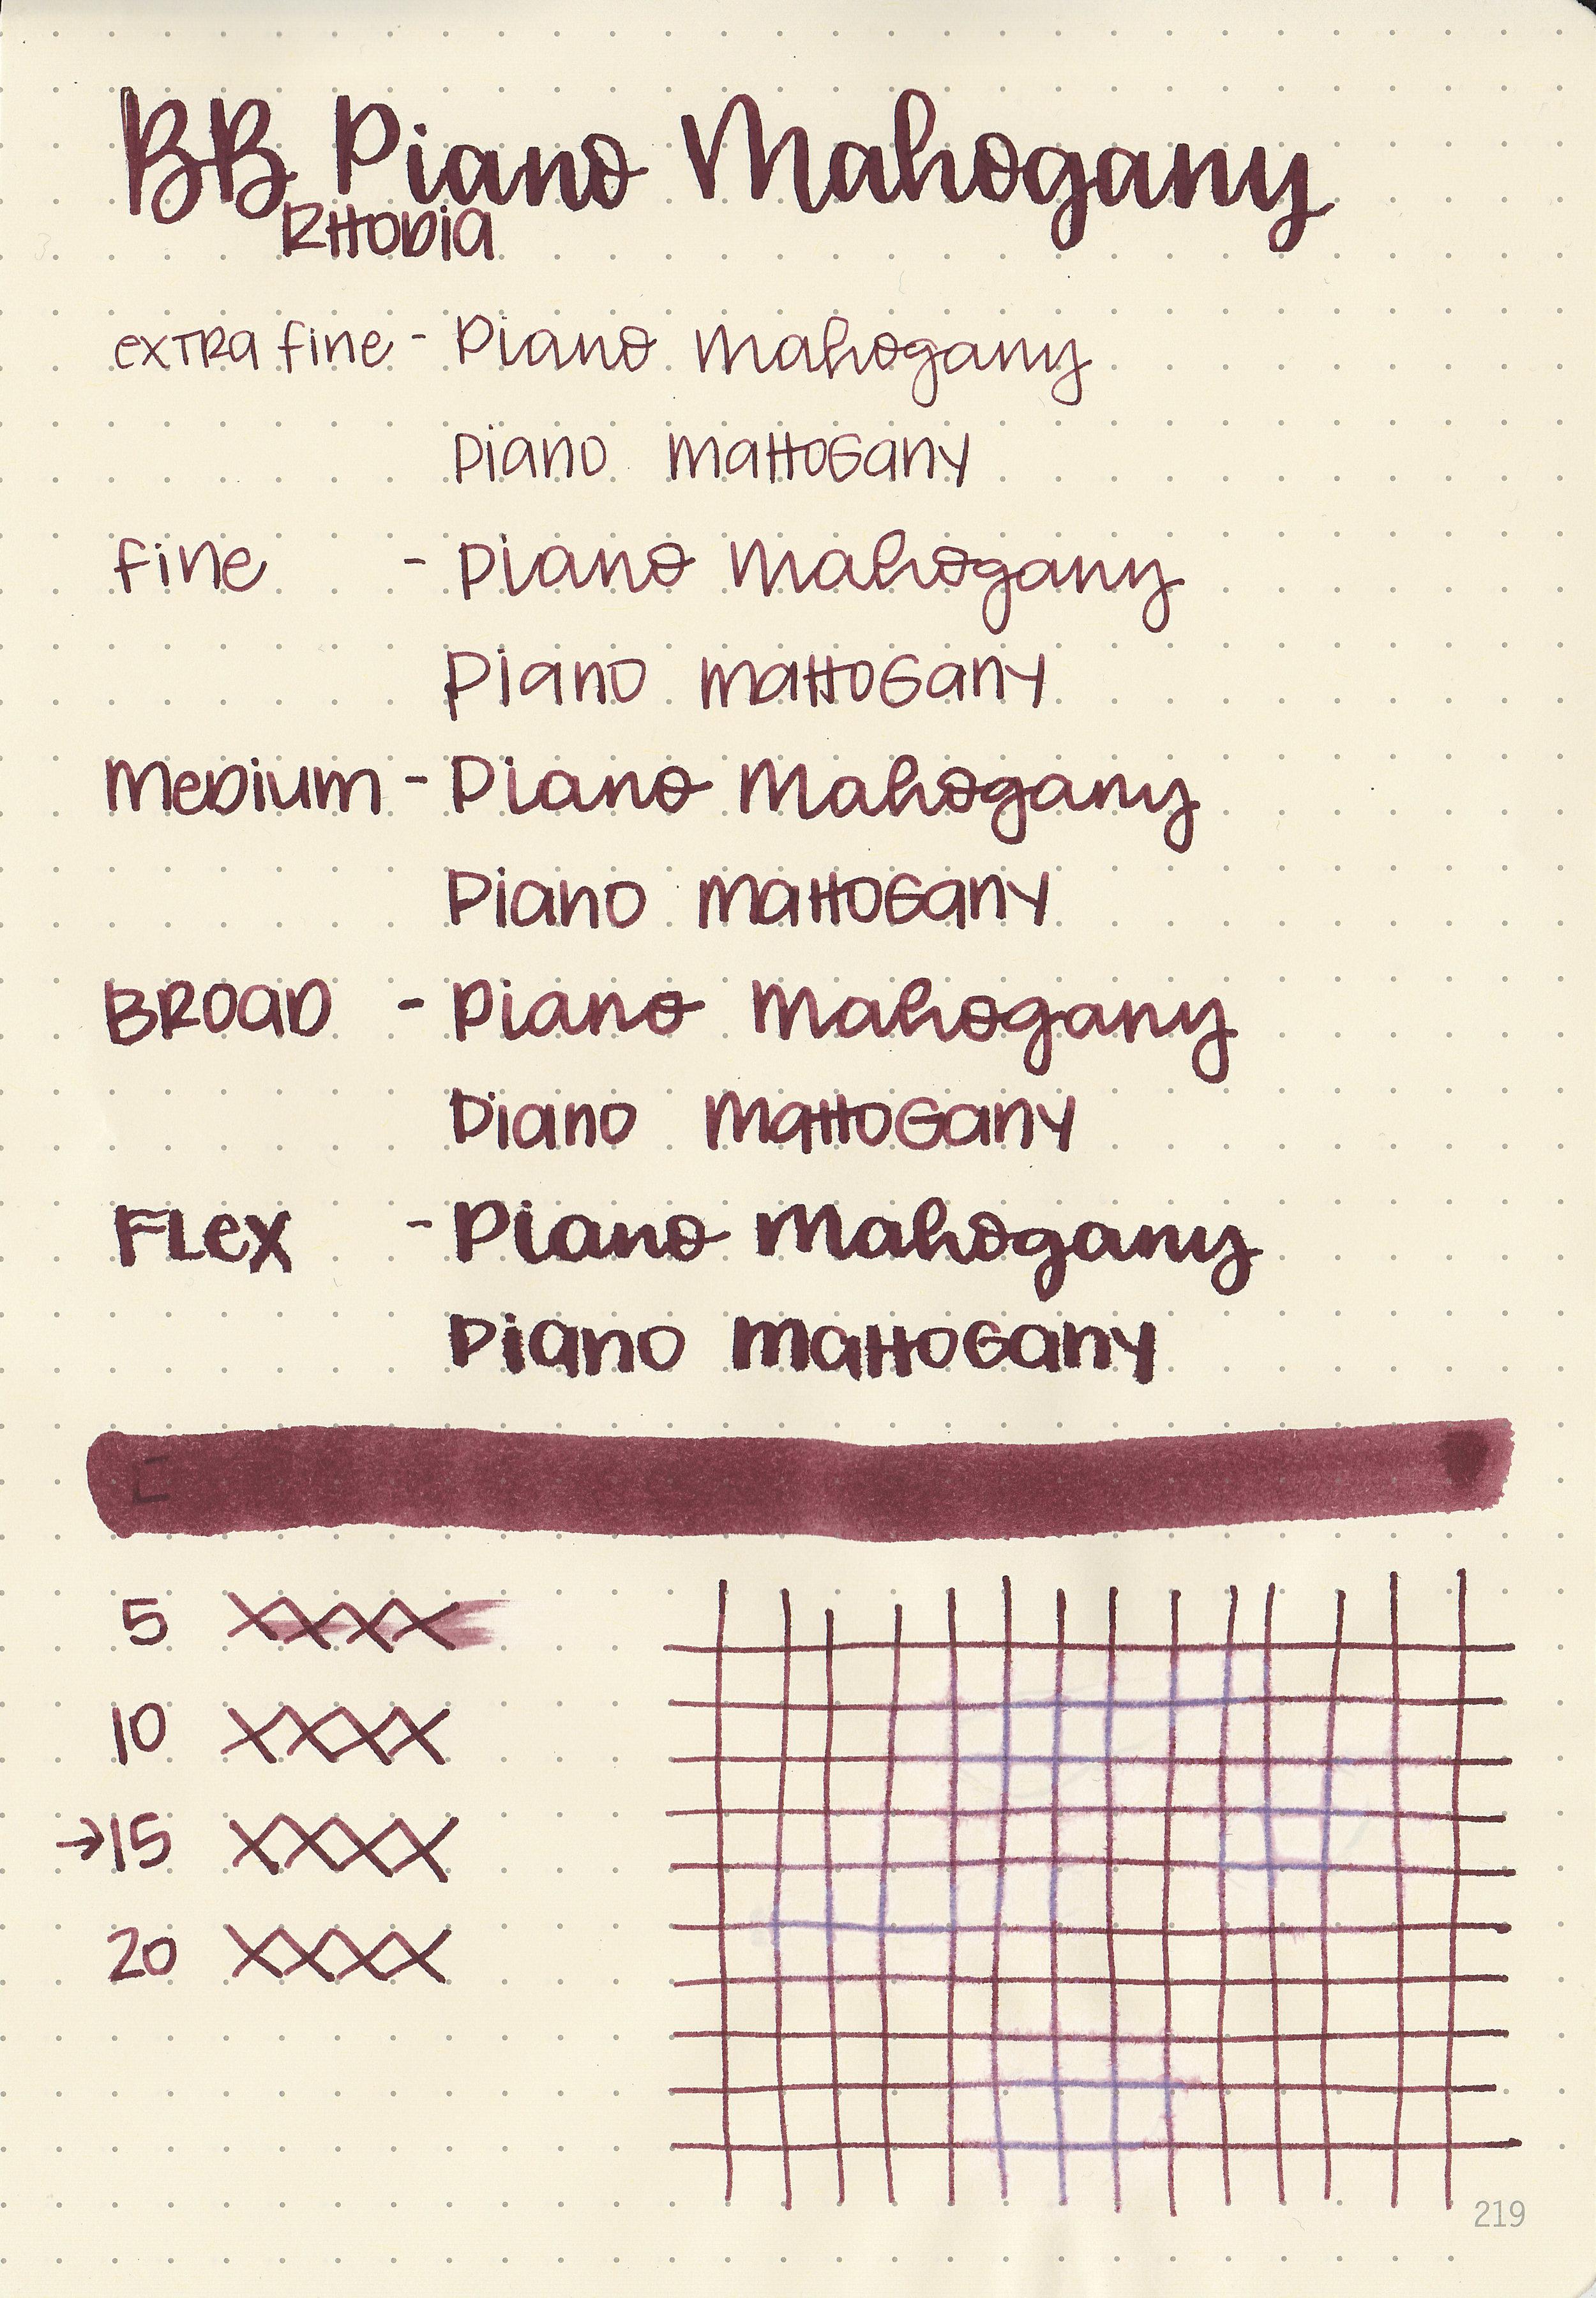 bb-piano-mahogany-7.jpg